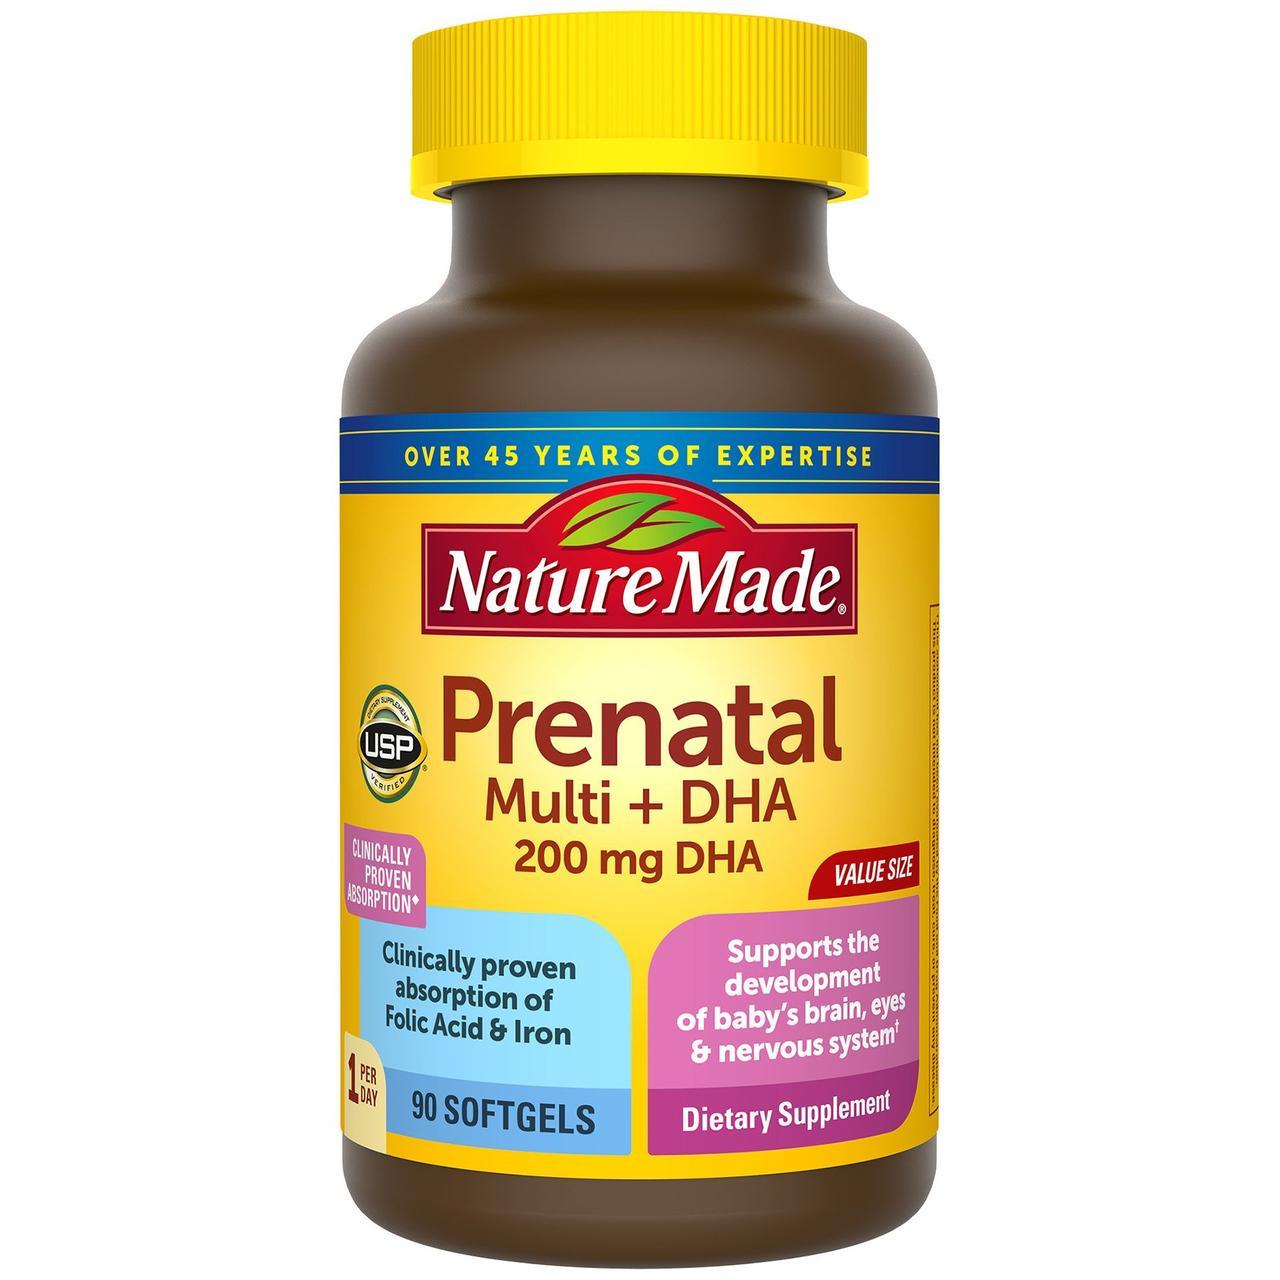 Nature Made Prenatal Multivitamin Plus 200 mg DHA 90 ЖК